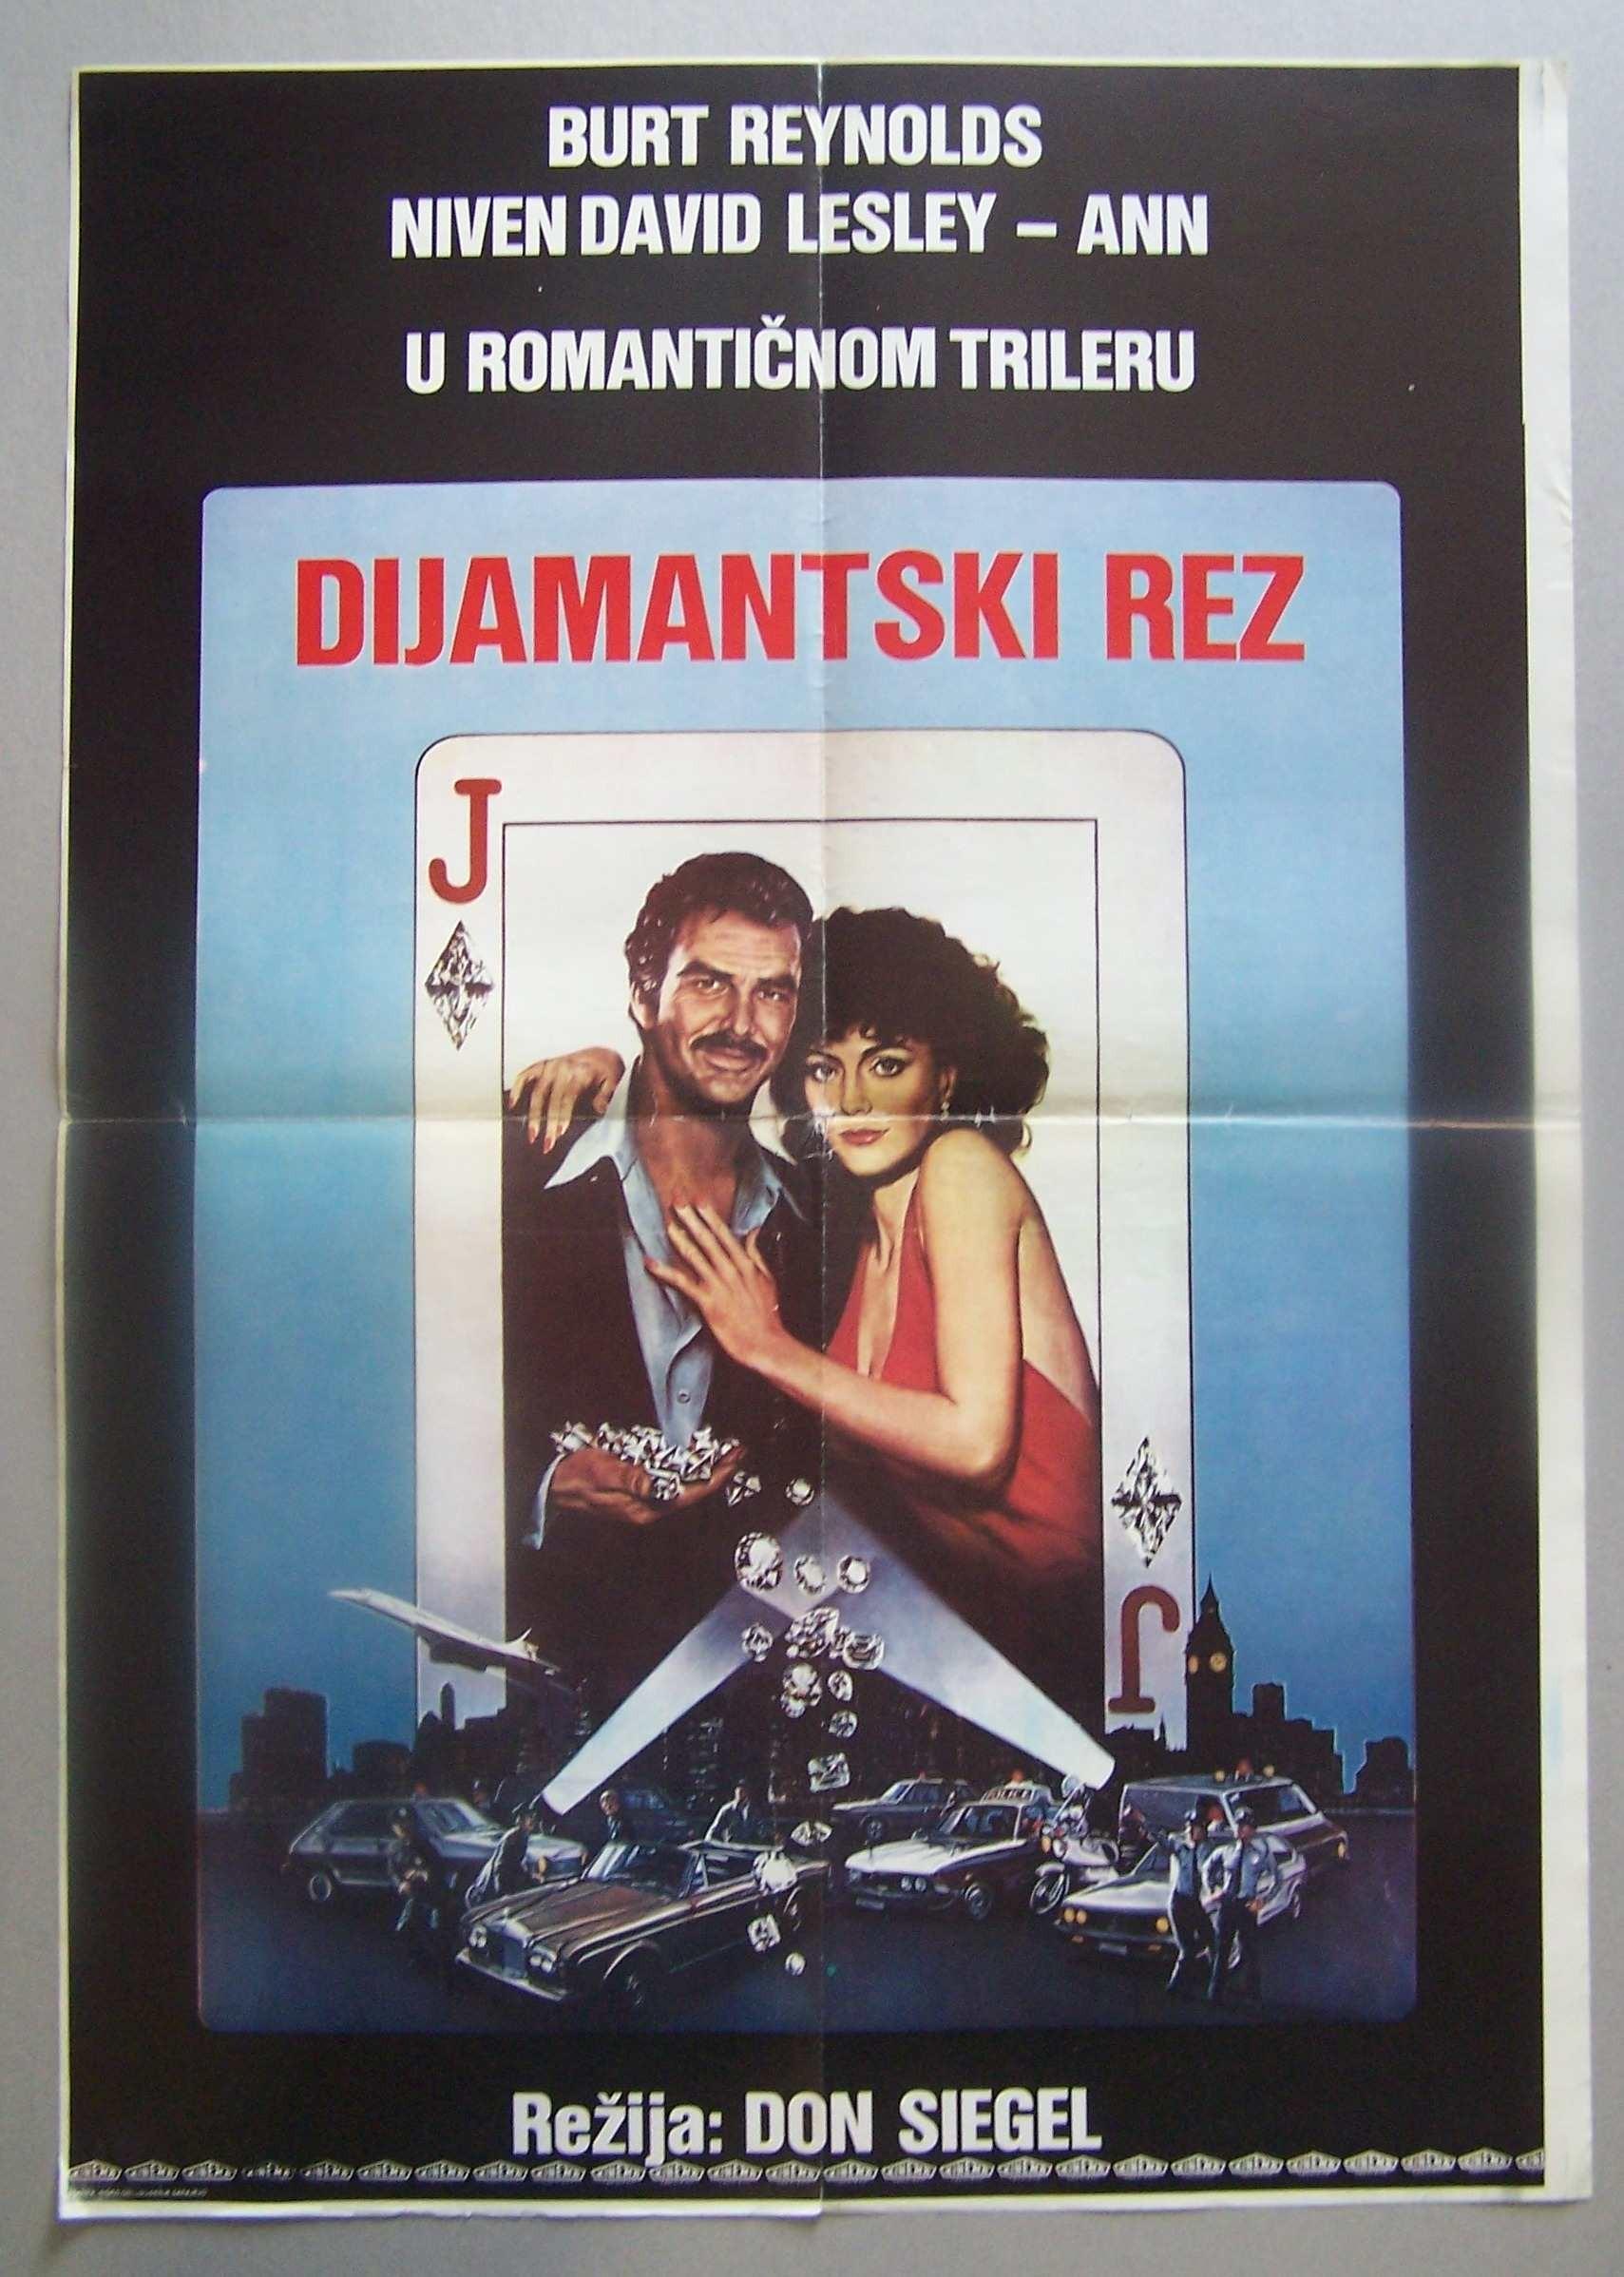 Dijamantski Rez